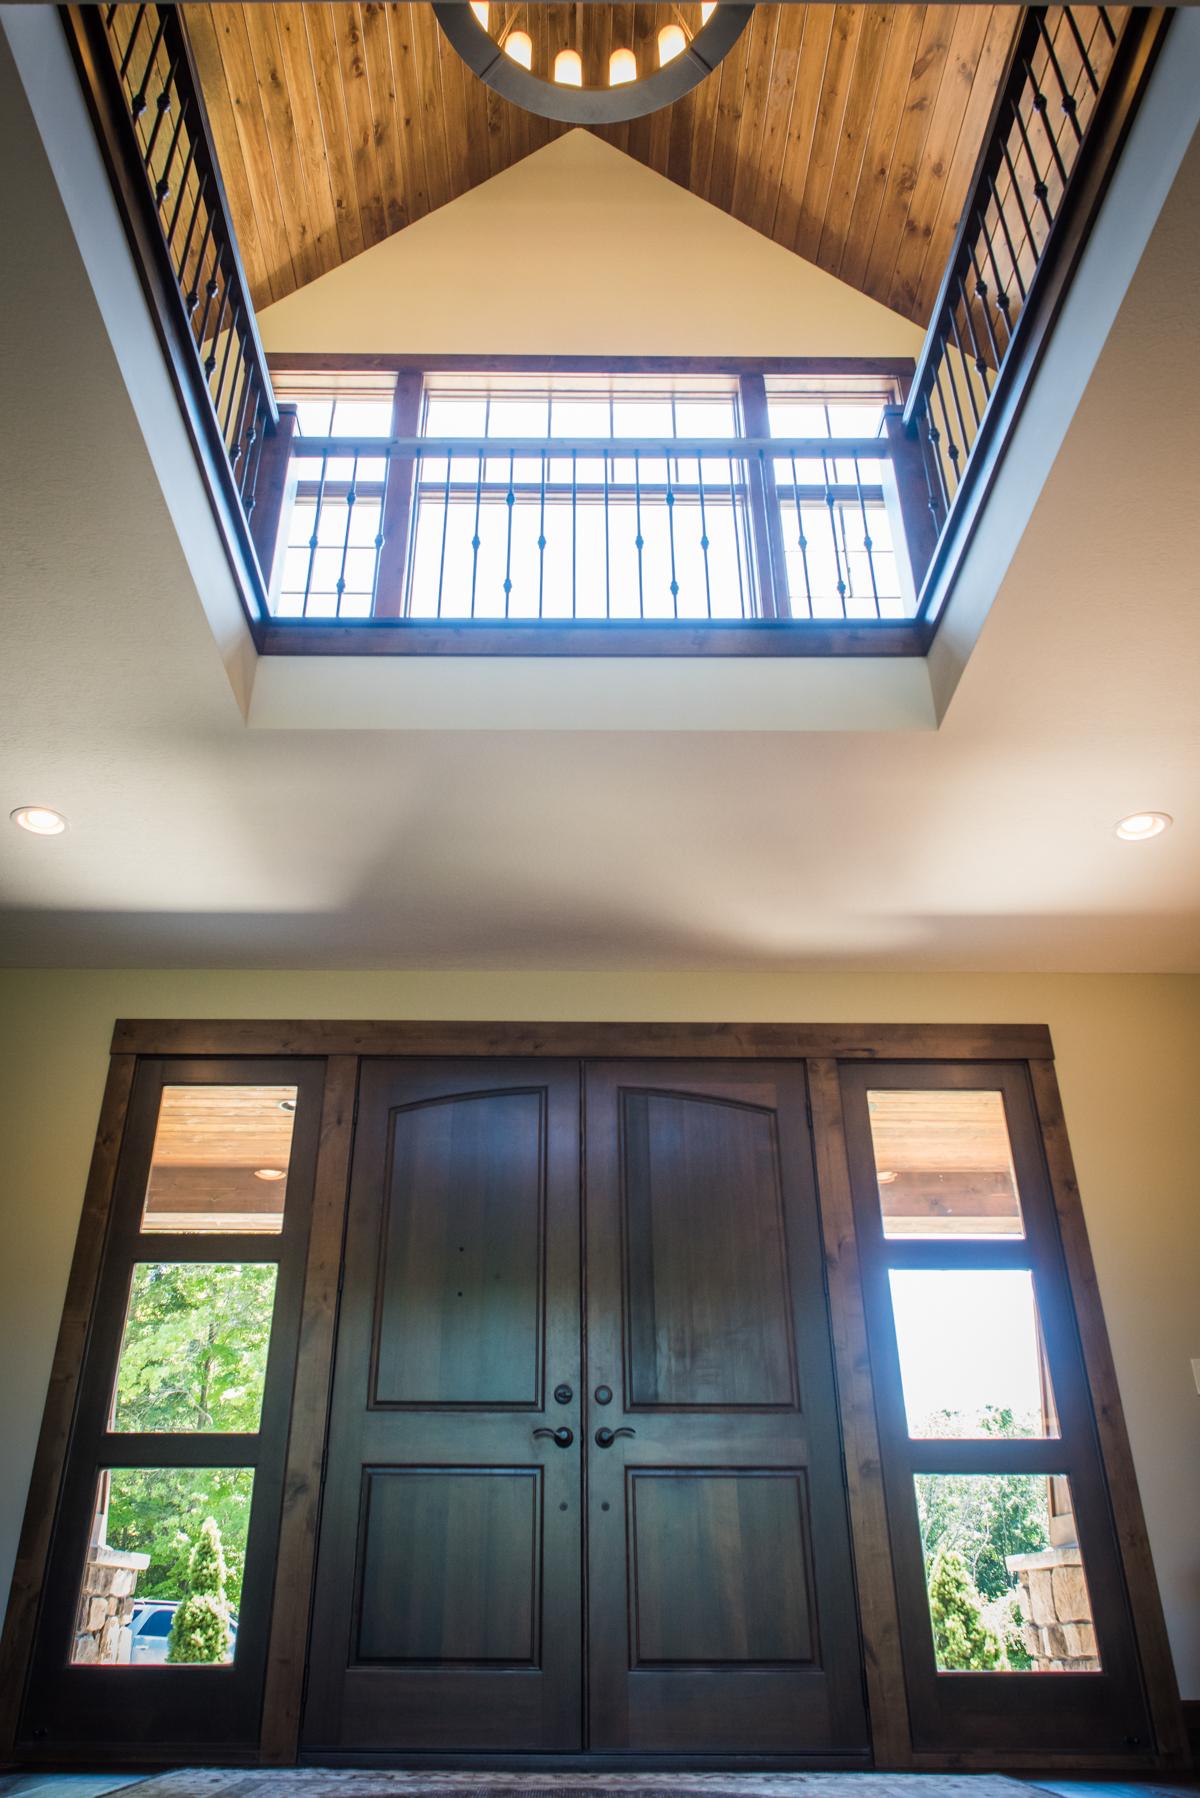 Rustic Lake House Interiors: Rustic Lake House Interior Design & Furnishings